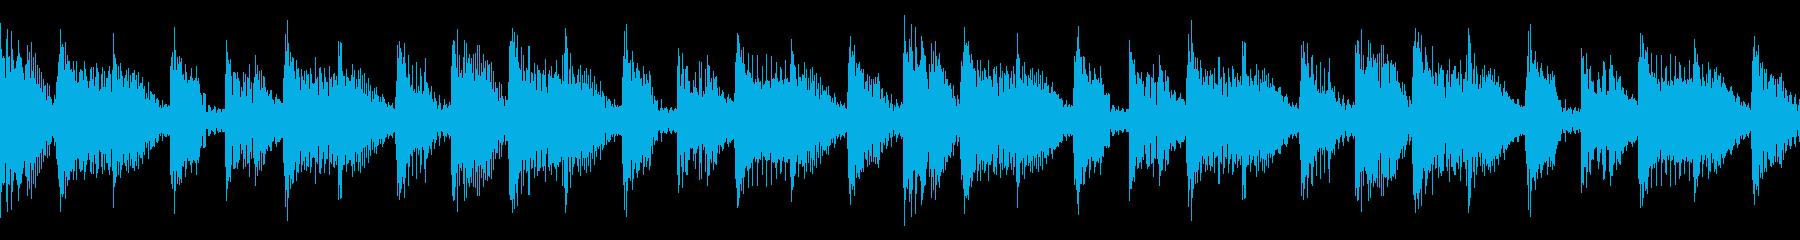 Burn ダークなテックハウス ループ可の再生済みの波形